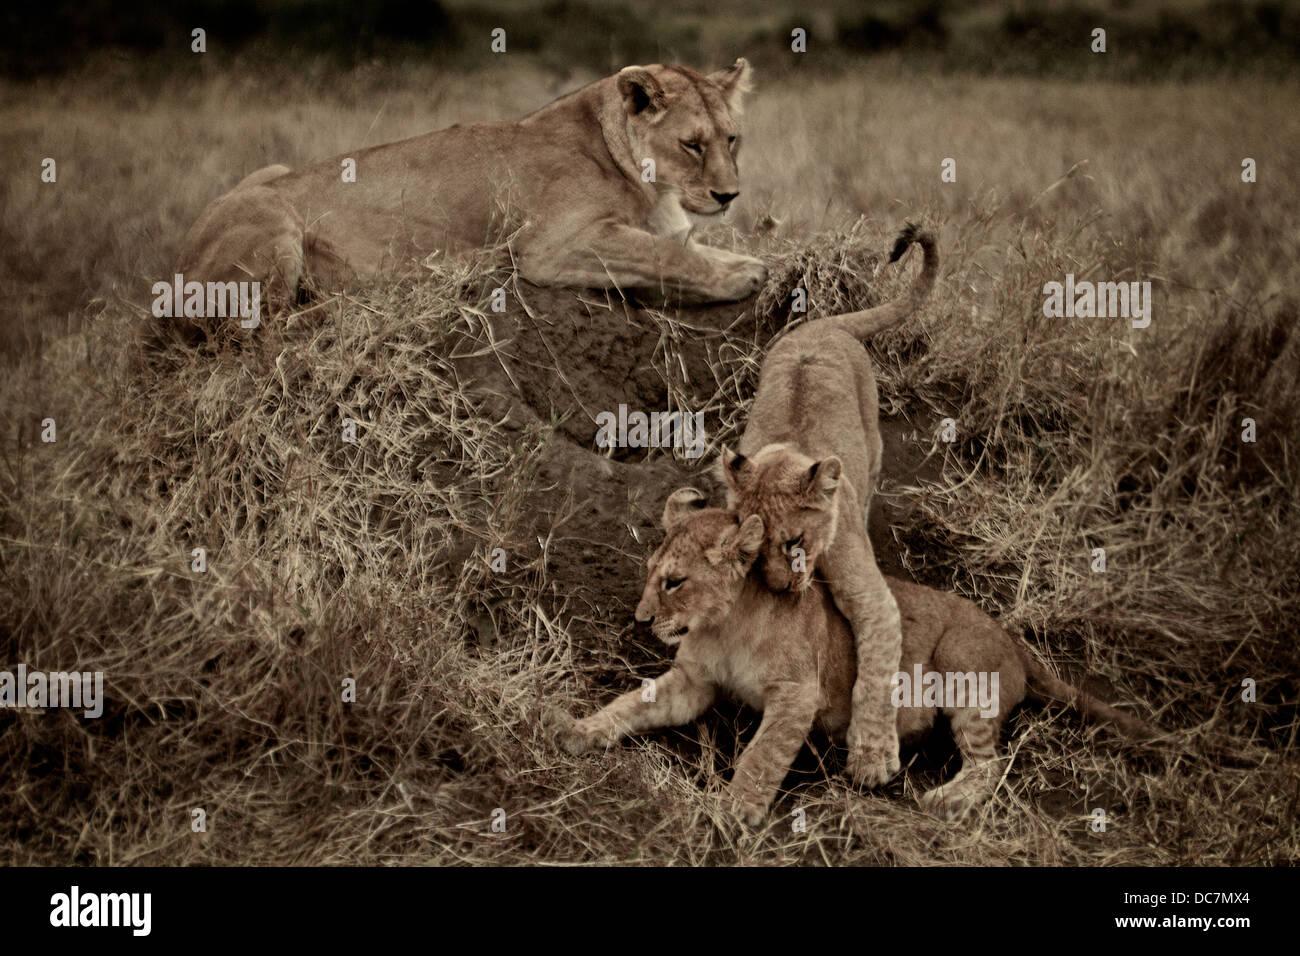 Montres femme lion mère ses petits lutte . Serengeti . Tanzanie Afrique. Photo Stock